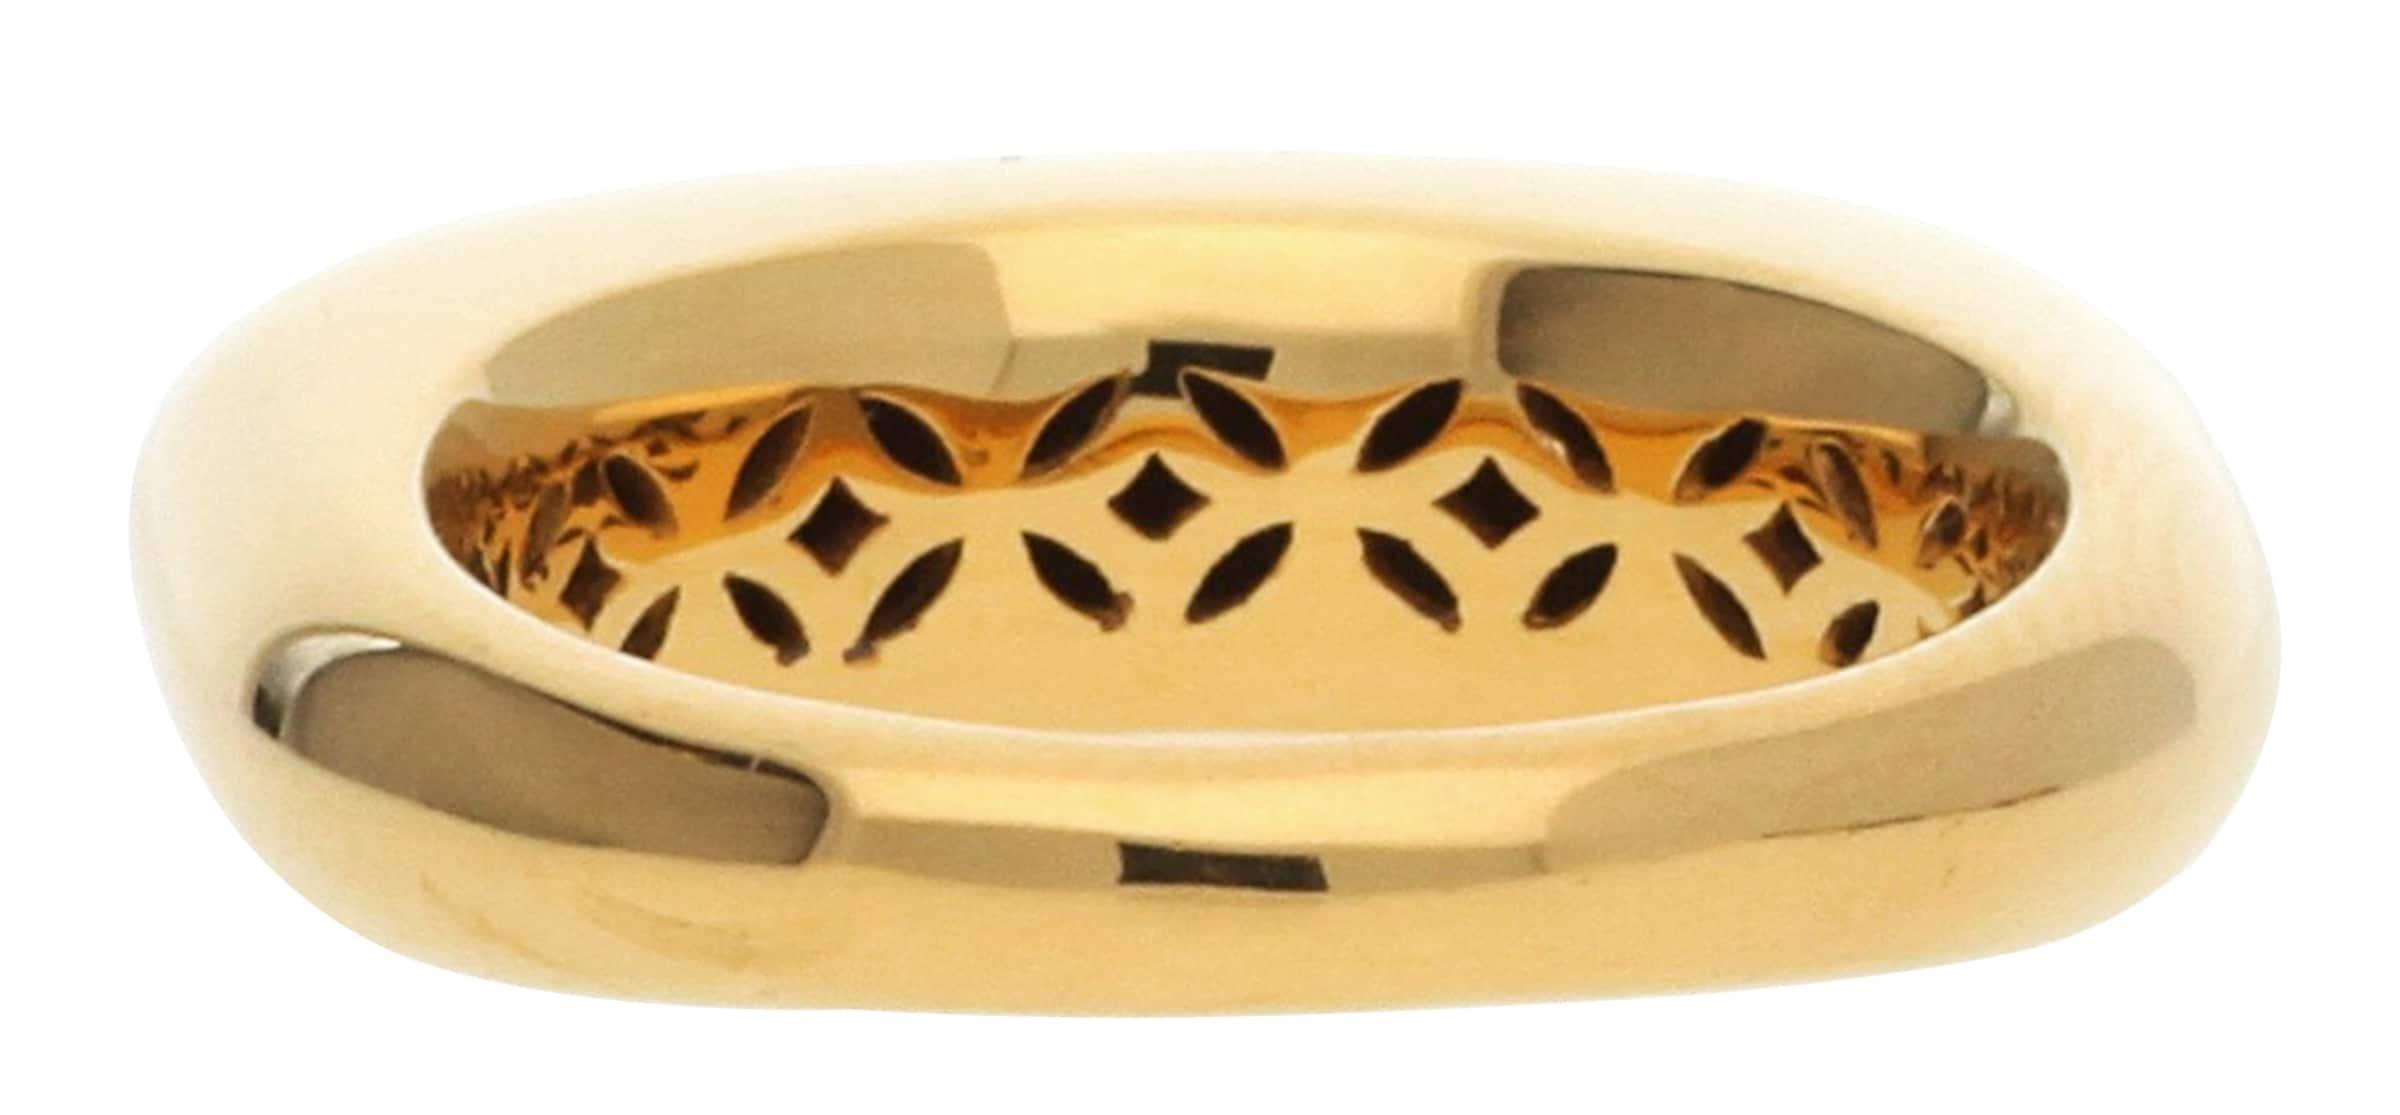 Preiswerter Preis Fabrikverkauf Billig Verkauf Niedrig Versandkosten ESPRIT Ring in edlem Design Erstaunlicher Preis Günstiger Preis Outlet Beliebt yRrzkfCGI